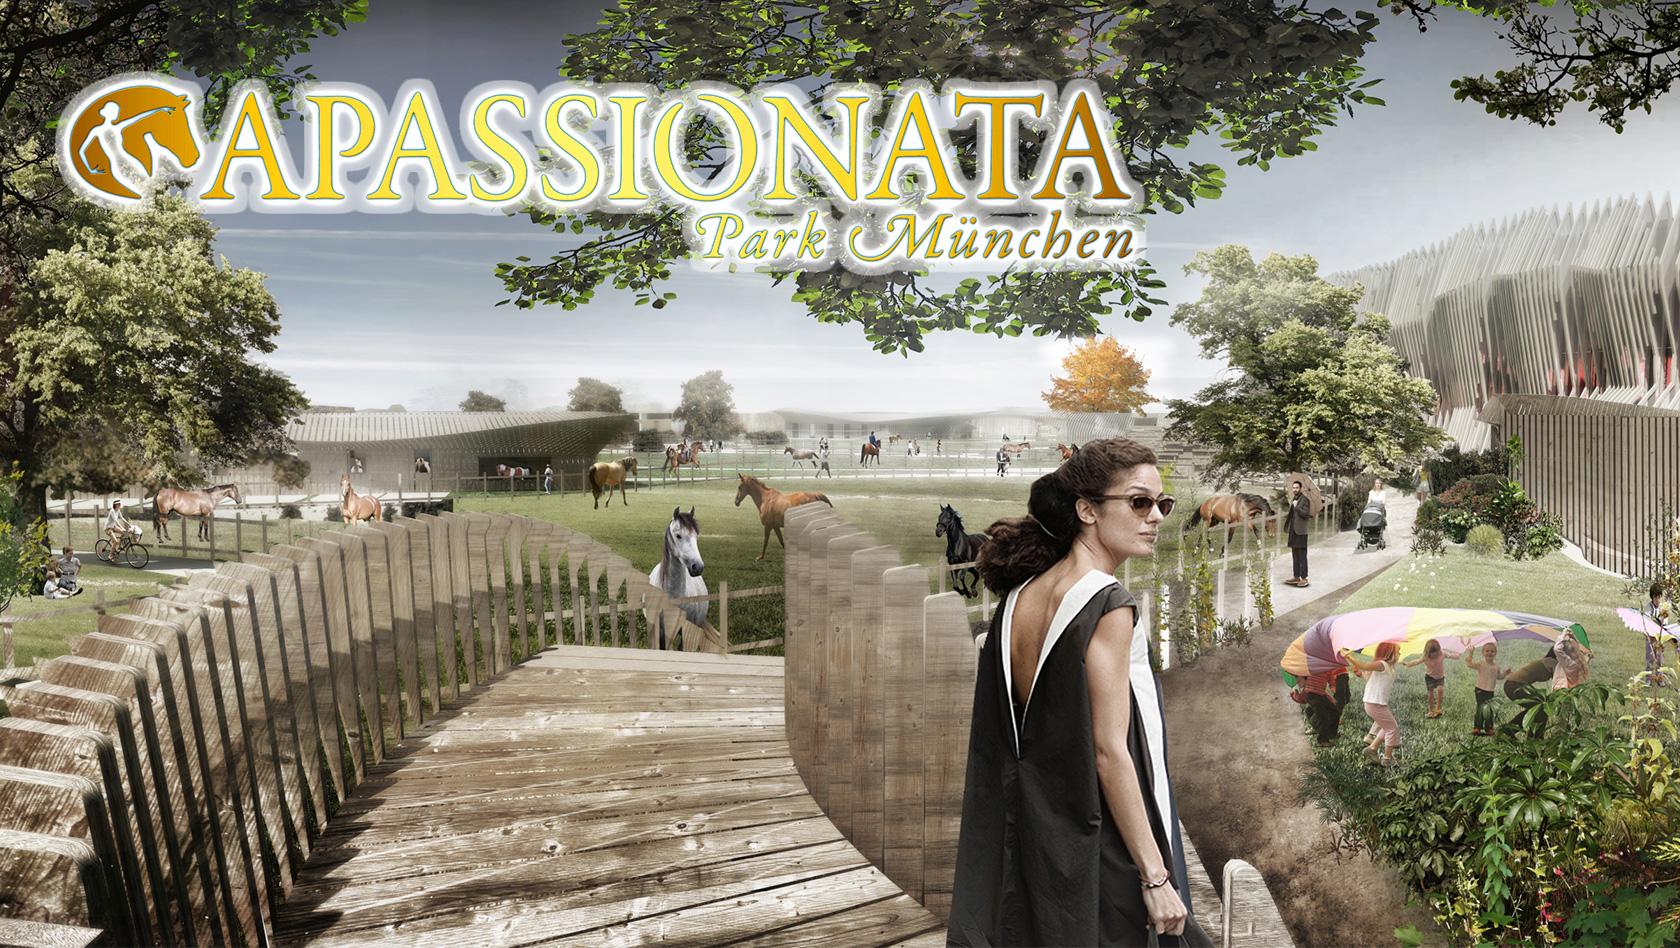 apassionata park so wird der pferde erlebnispark aussehen. Black Bedroom Furniture Sets. Home Design Ideas